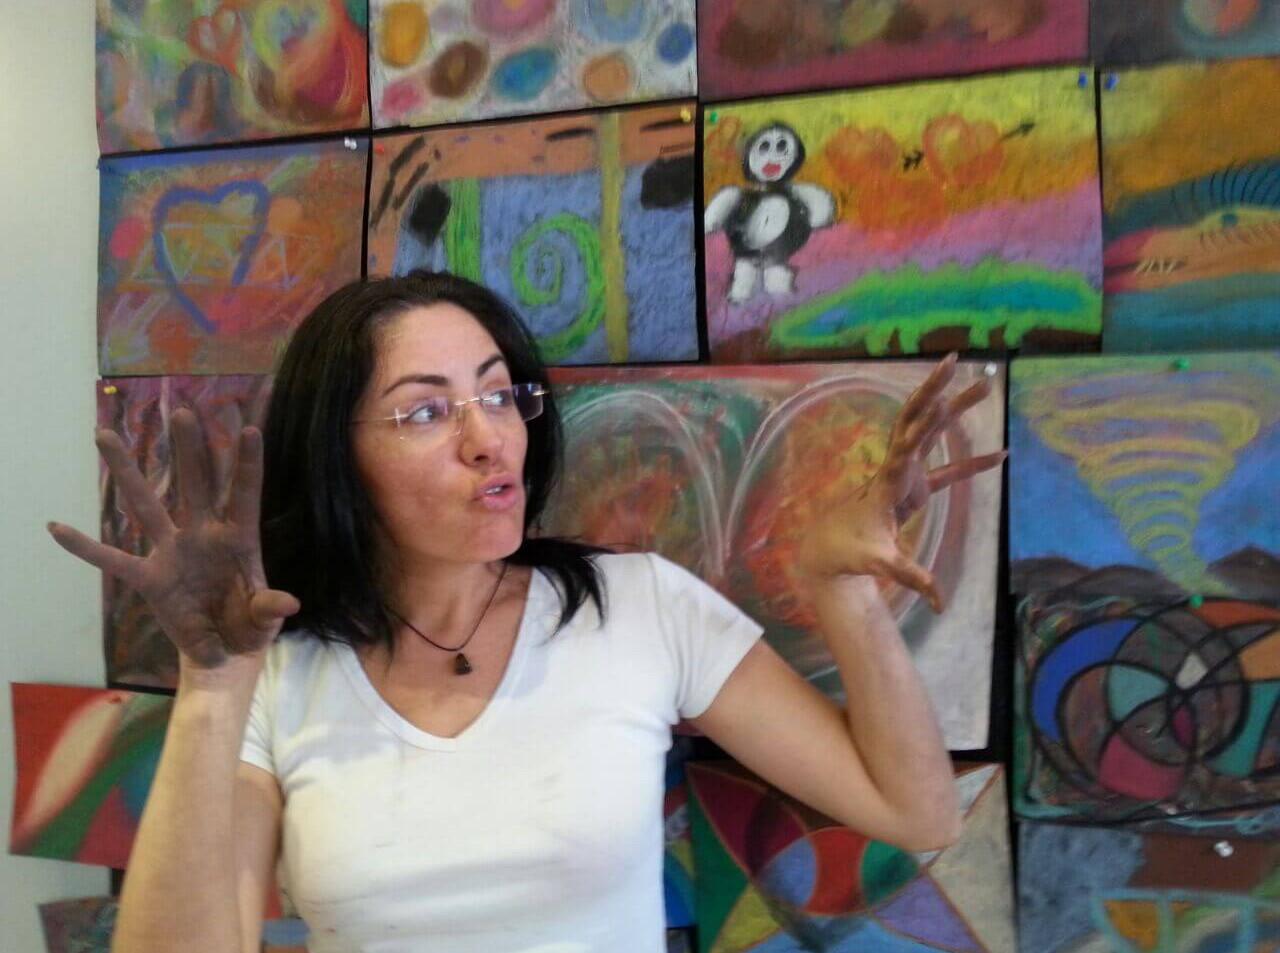 מציירת על רקע תערוכת ציורים אינטואיטיביים